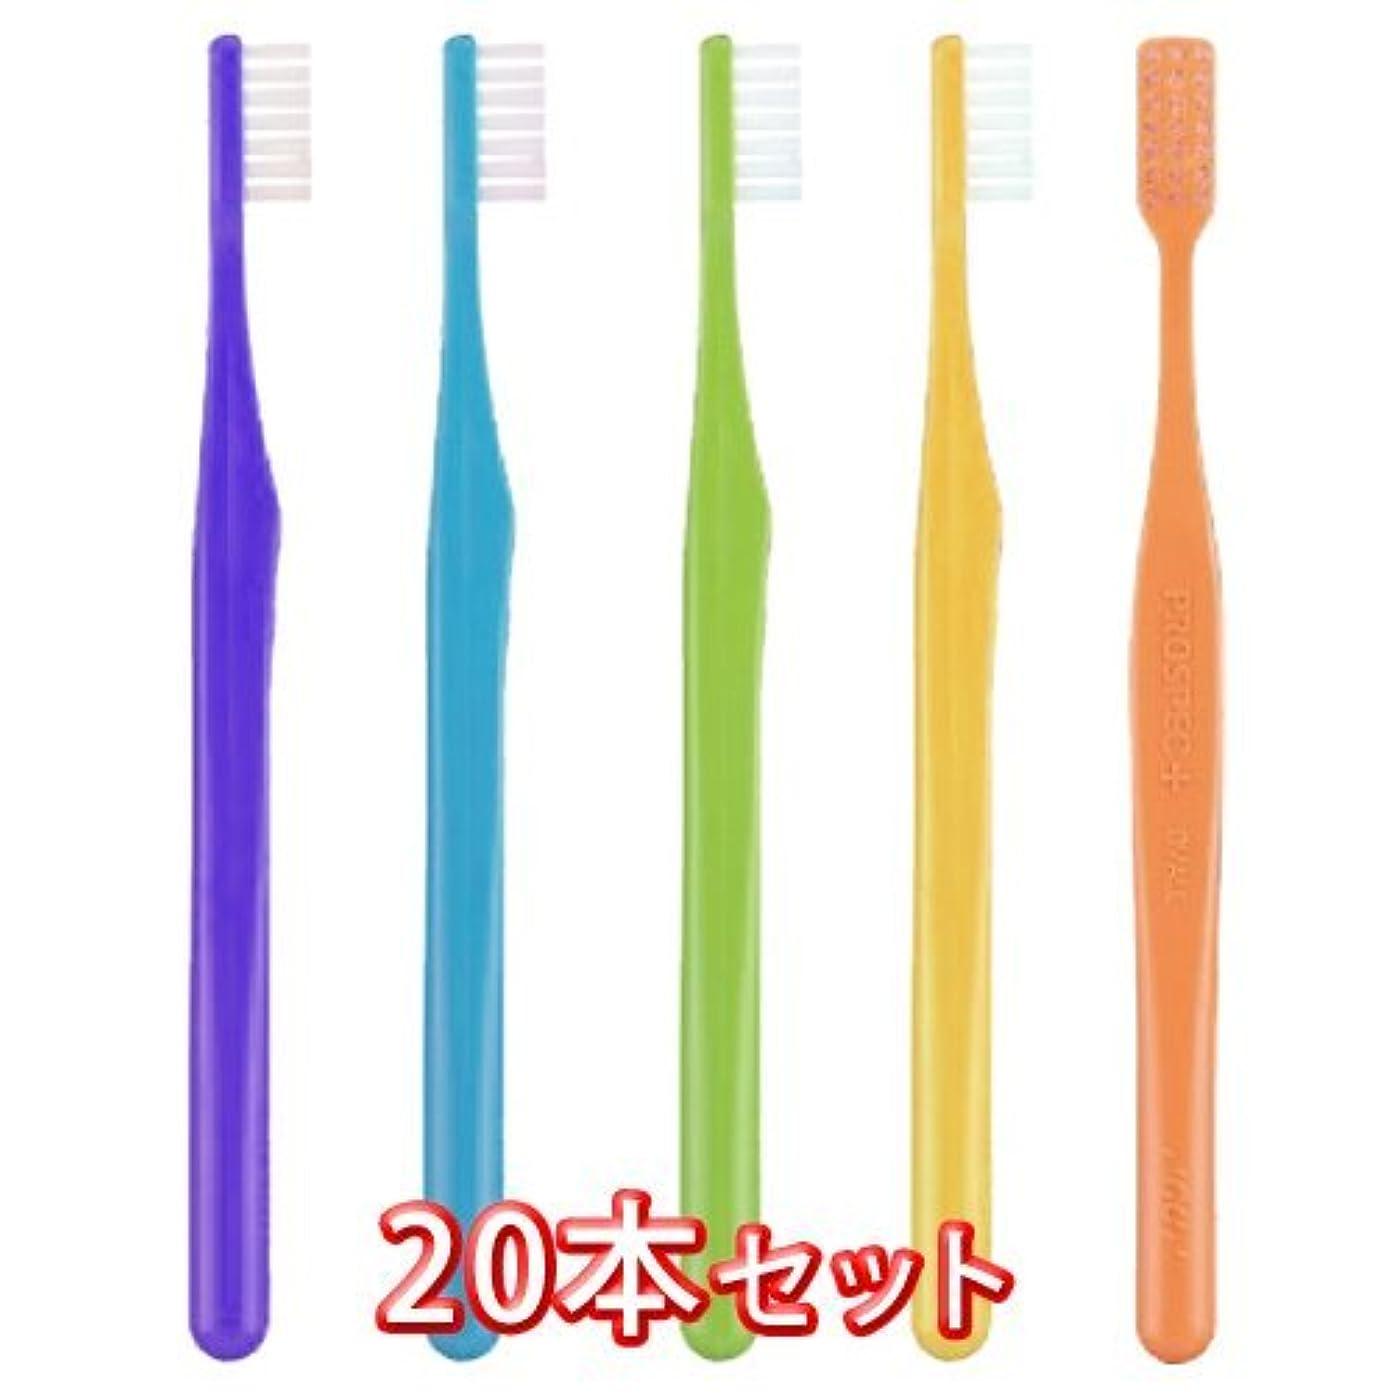 カード共産主義者要件プロスペック プラス 歯ブラシ 20本入 スモール